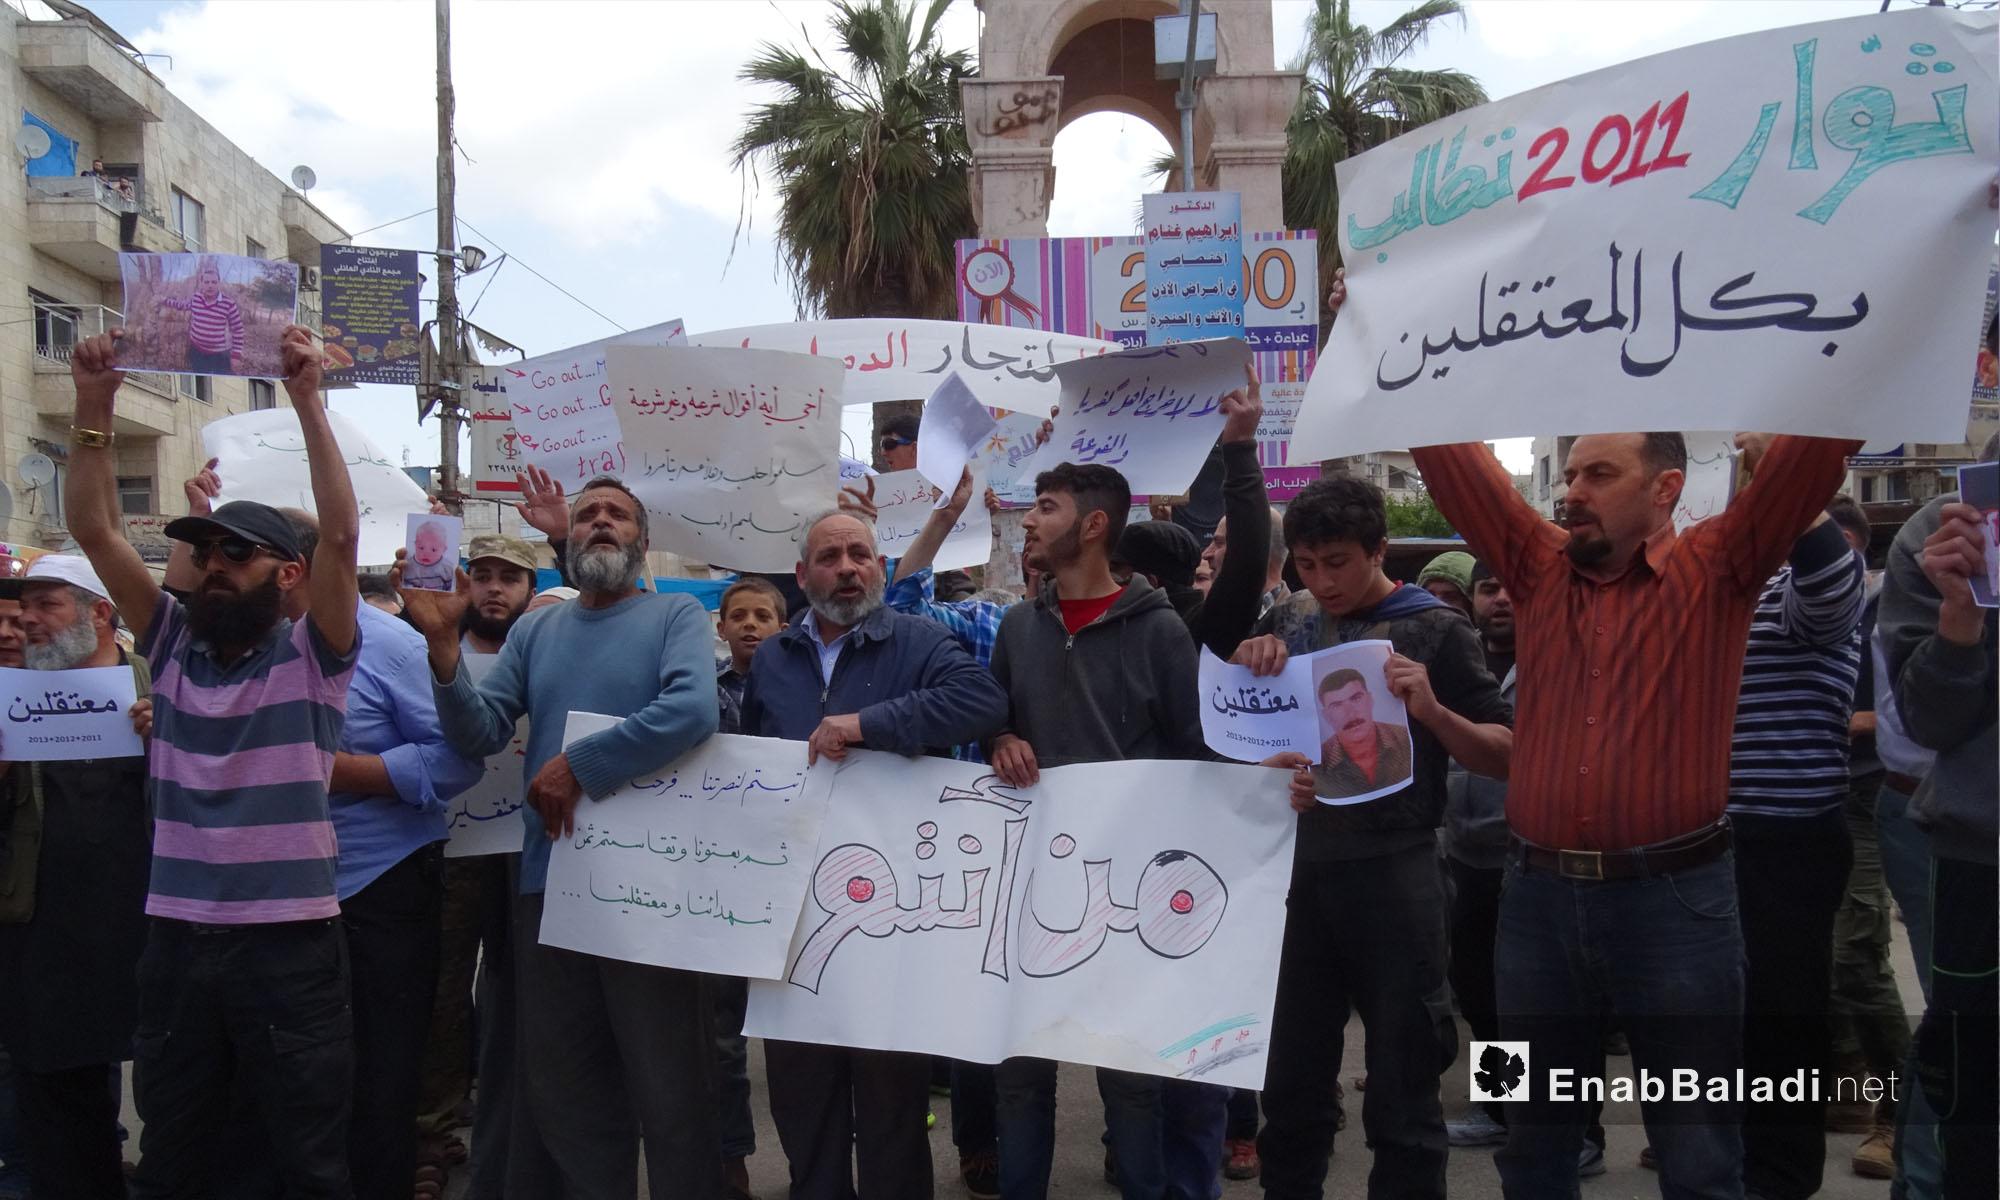 """أهالي إدلب ينددون باتفاق """"المدن الخمس"""" - 23 نيسان 2017 (عنب بلدي)"""